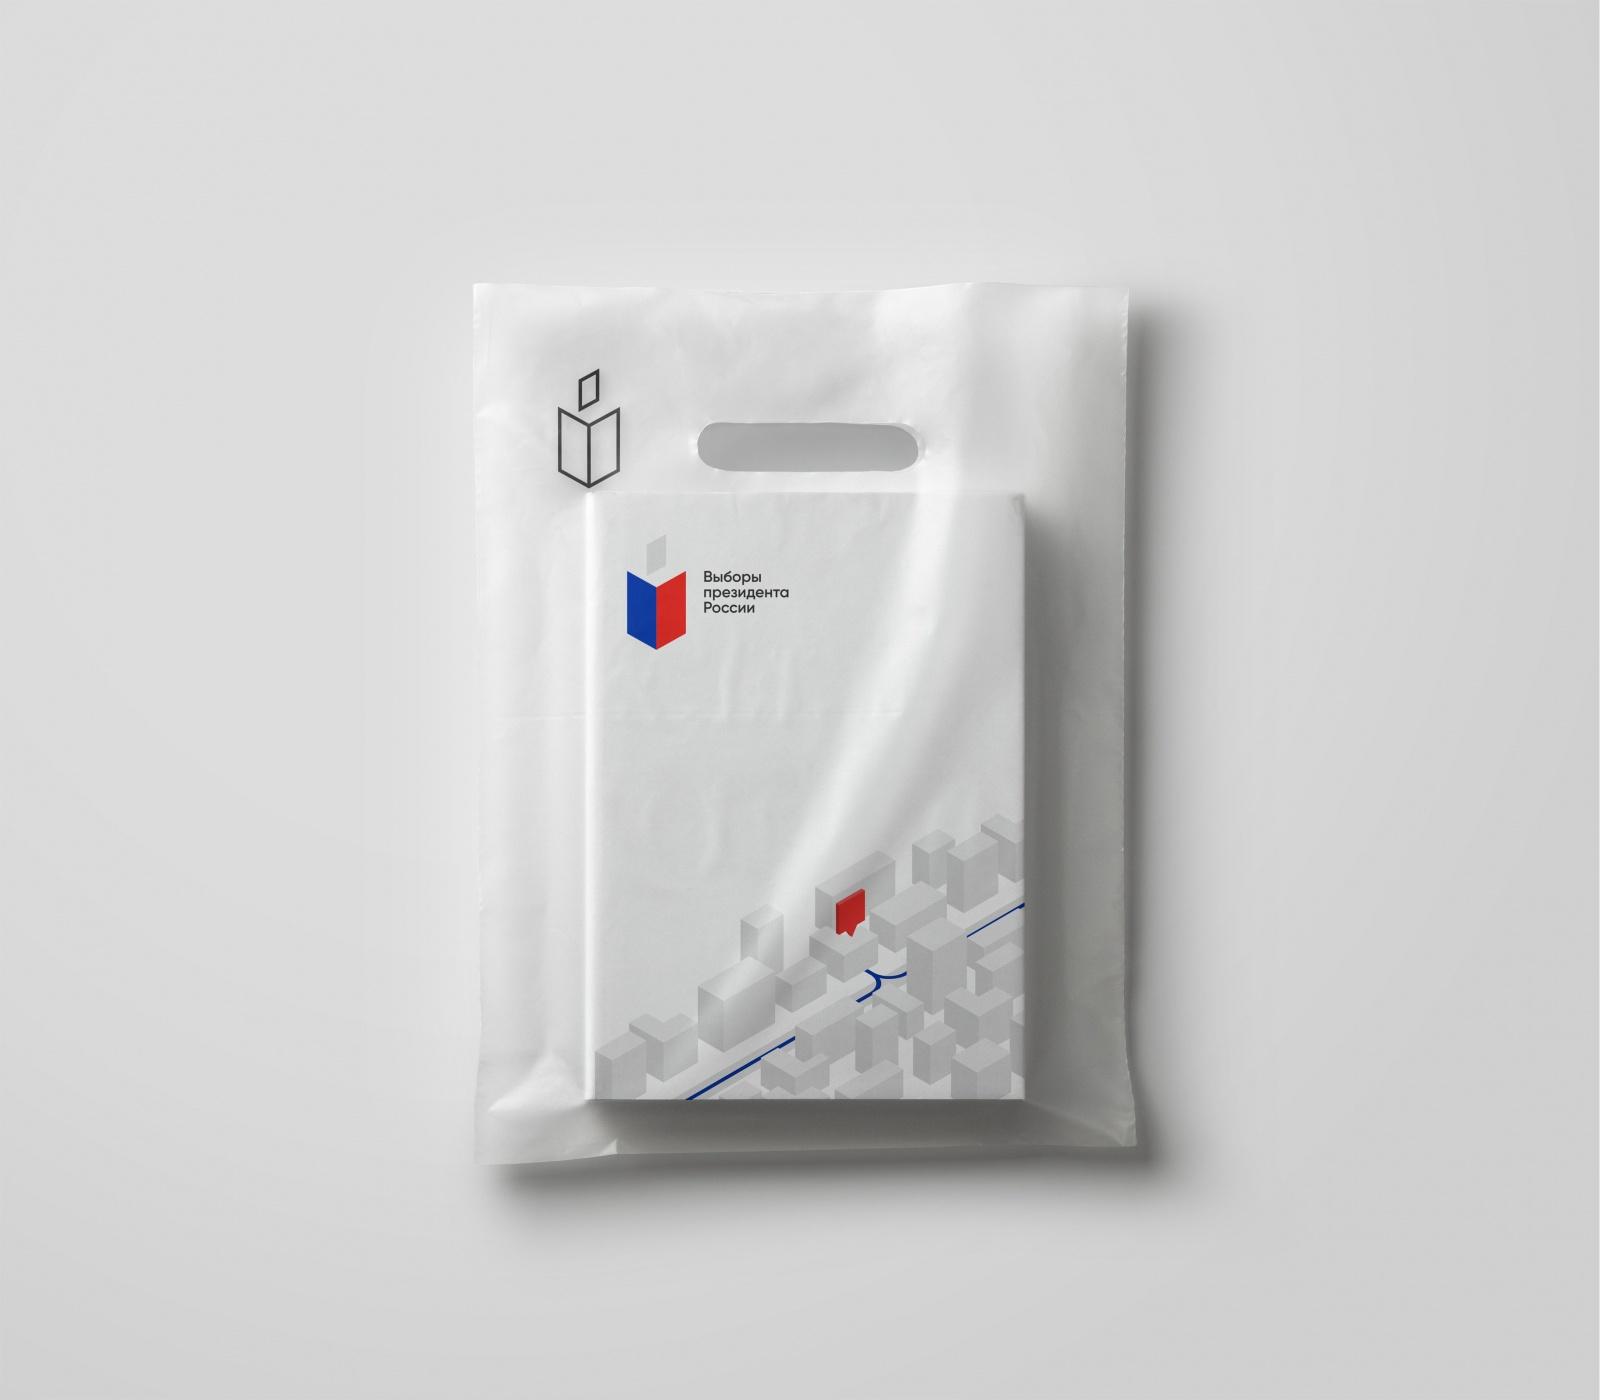 Логотип выборов за 37 миллионов VS. за 75 тысяч - 15